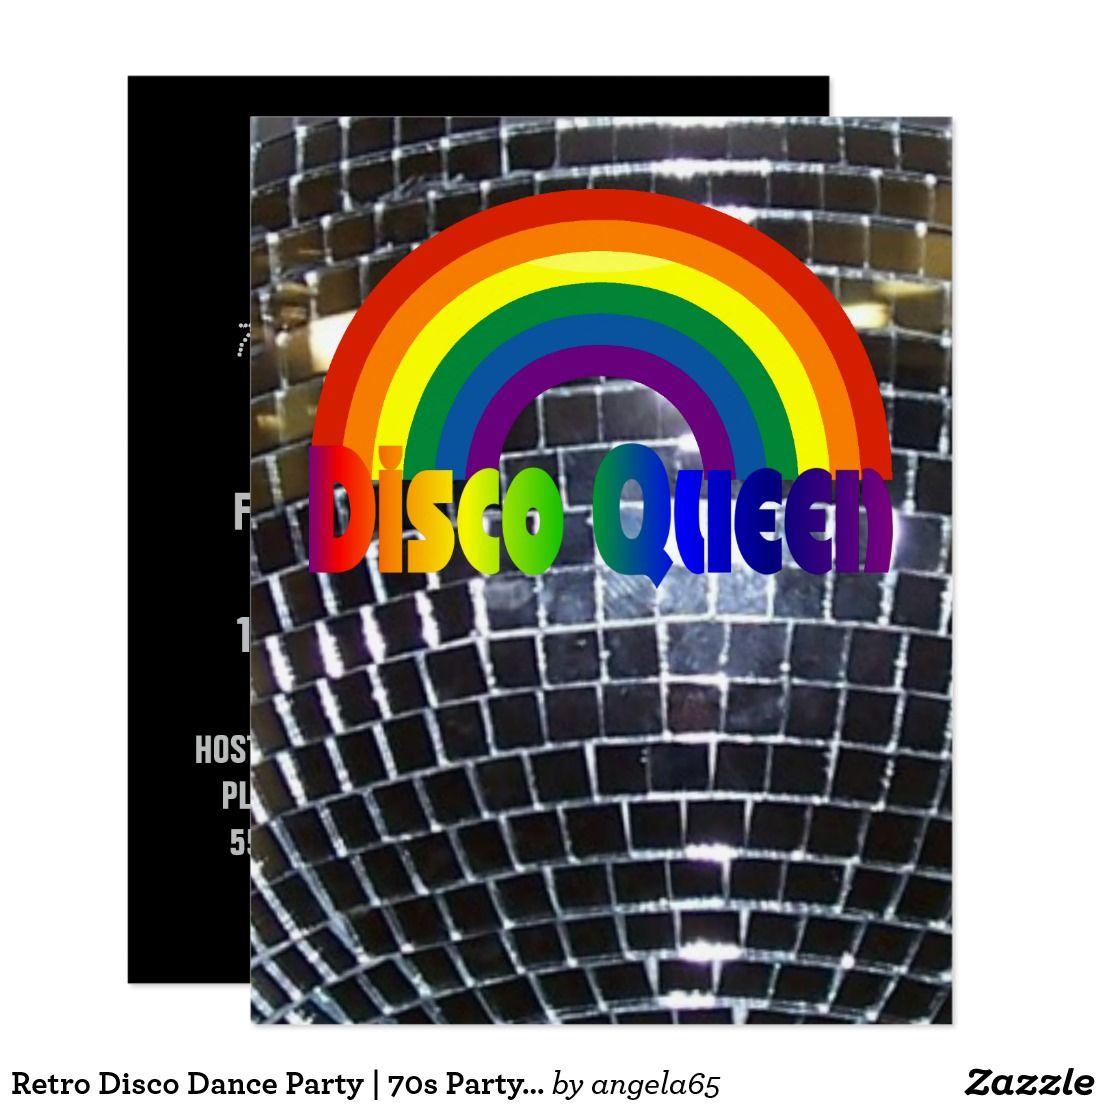 Retro Disco Dance Party | 70s Party Disco Ball Card | 70s party